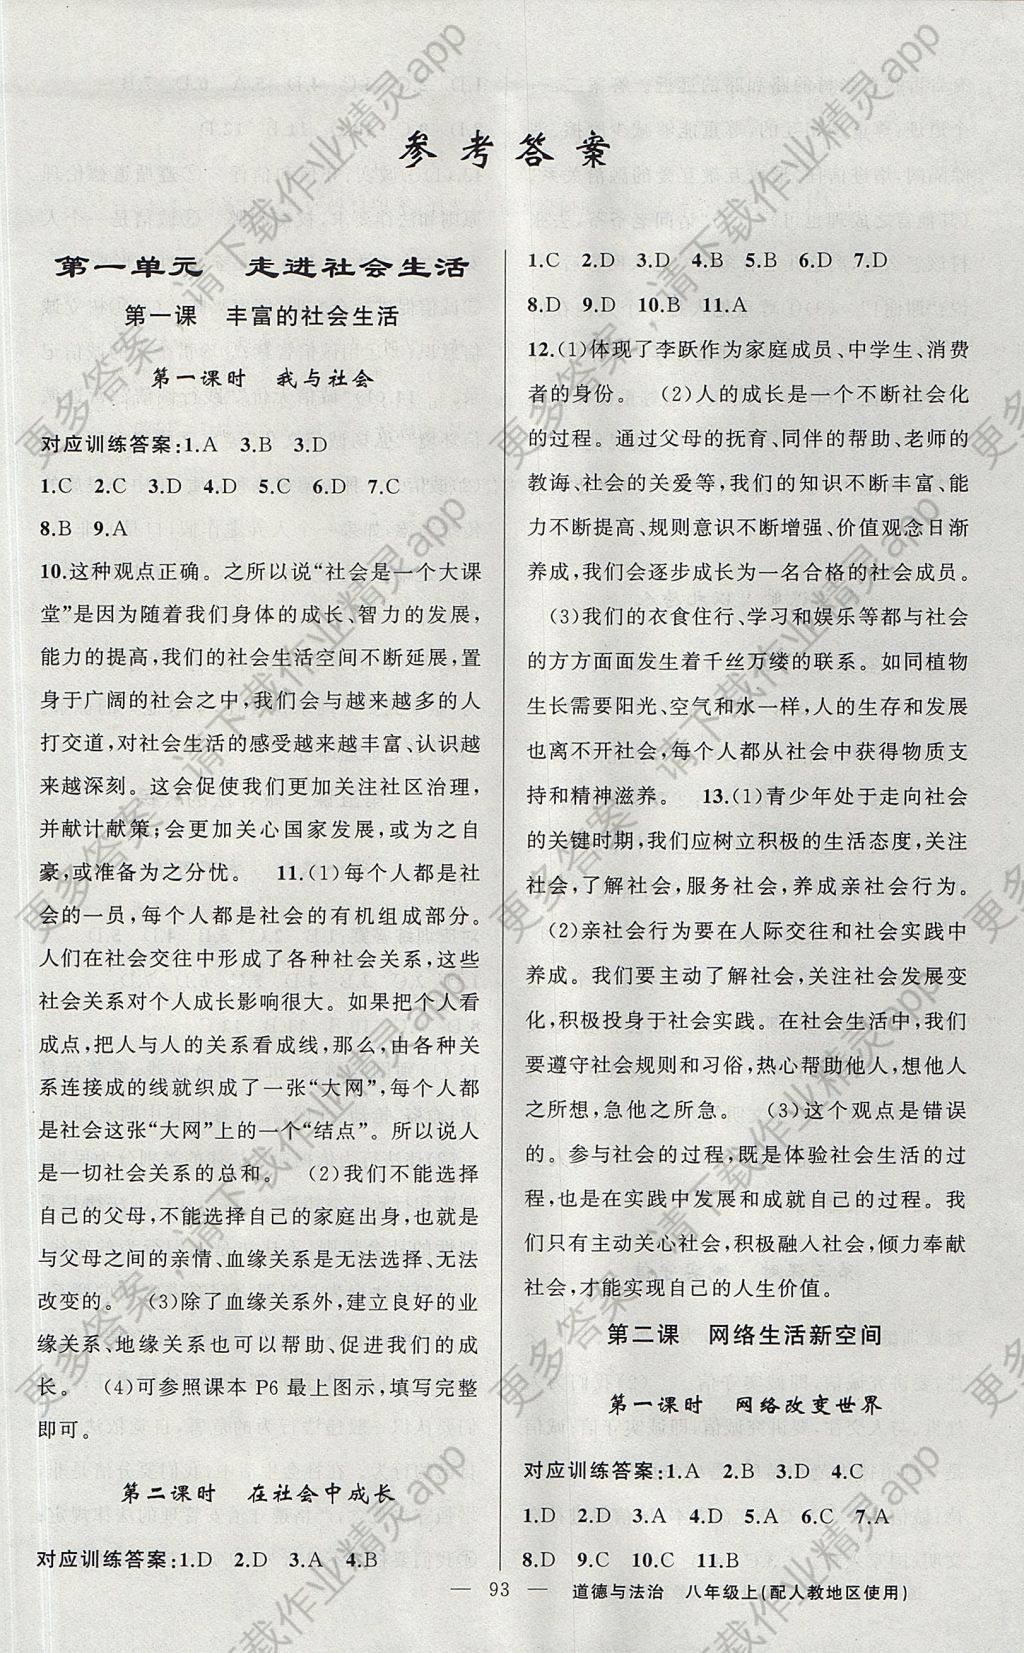 2017年黄冈金牌之路练闯考八年级道德与法治上册人教版 参考答案